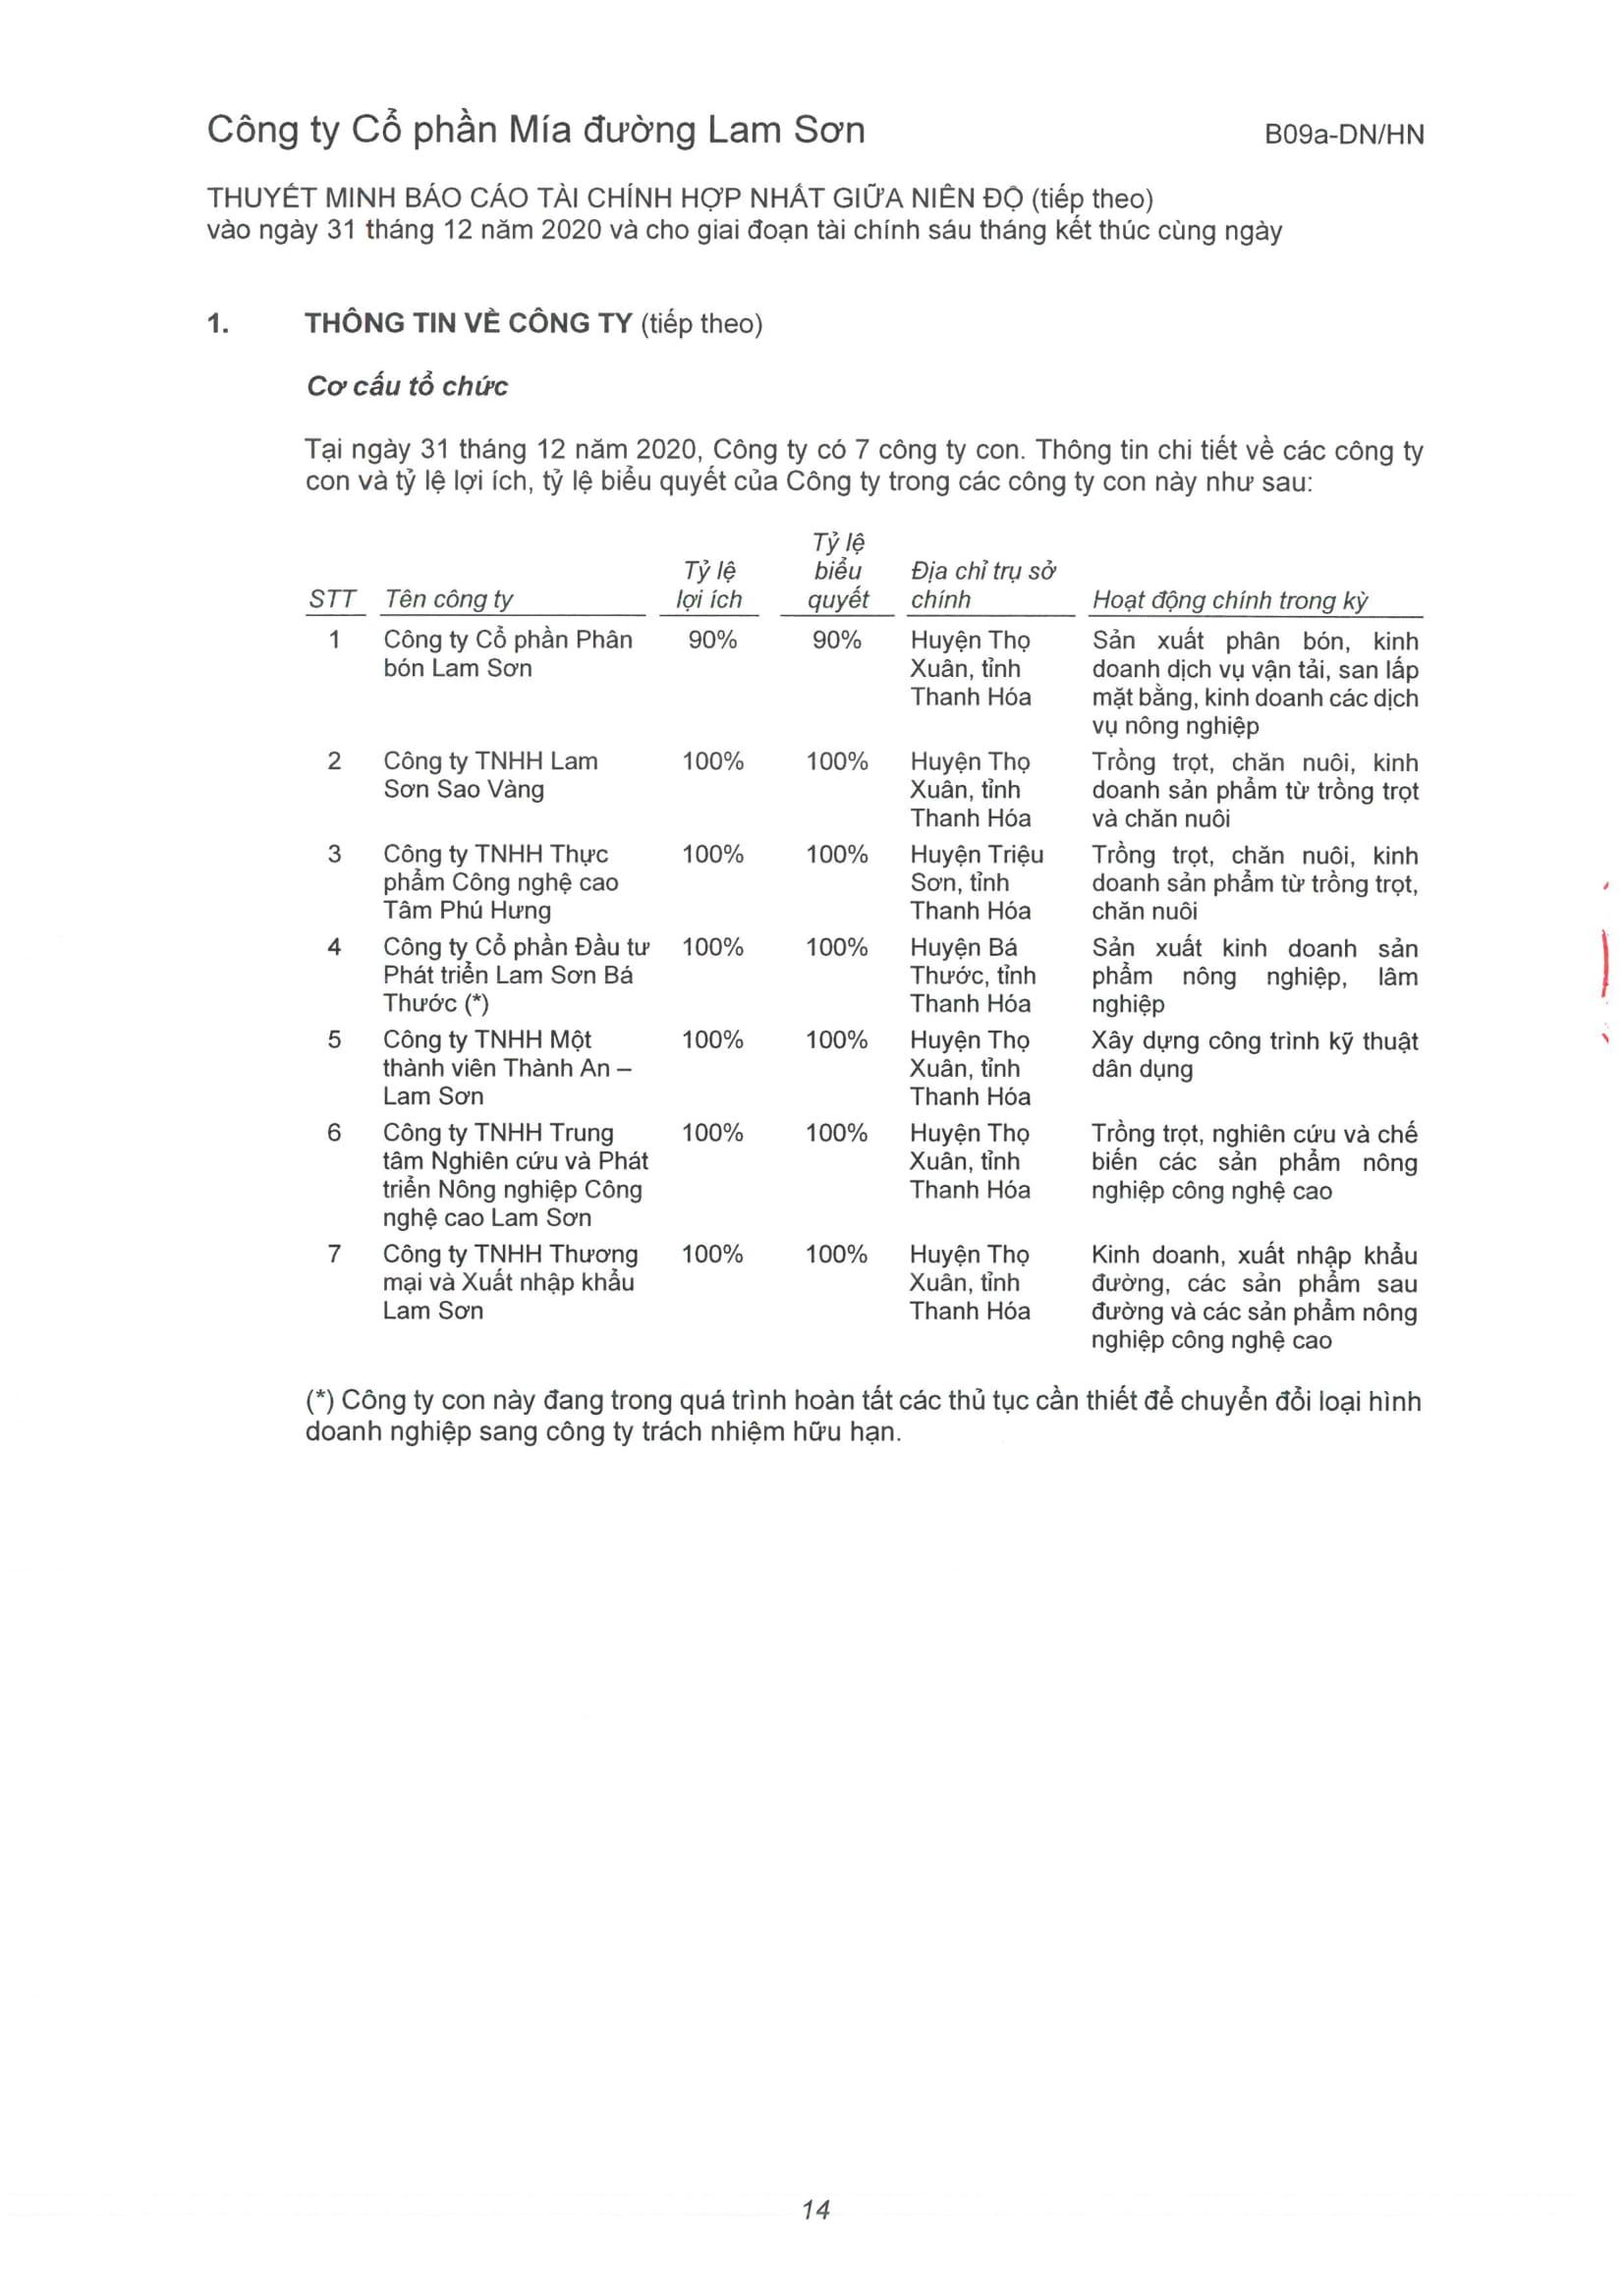 BCTC hợp nhất 31.12.2020-16